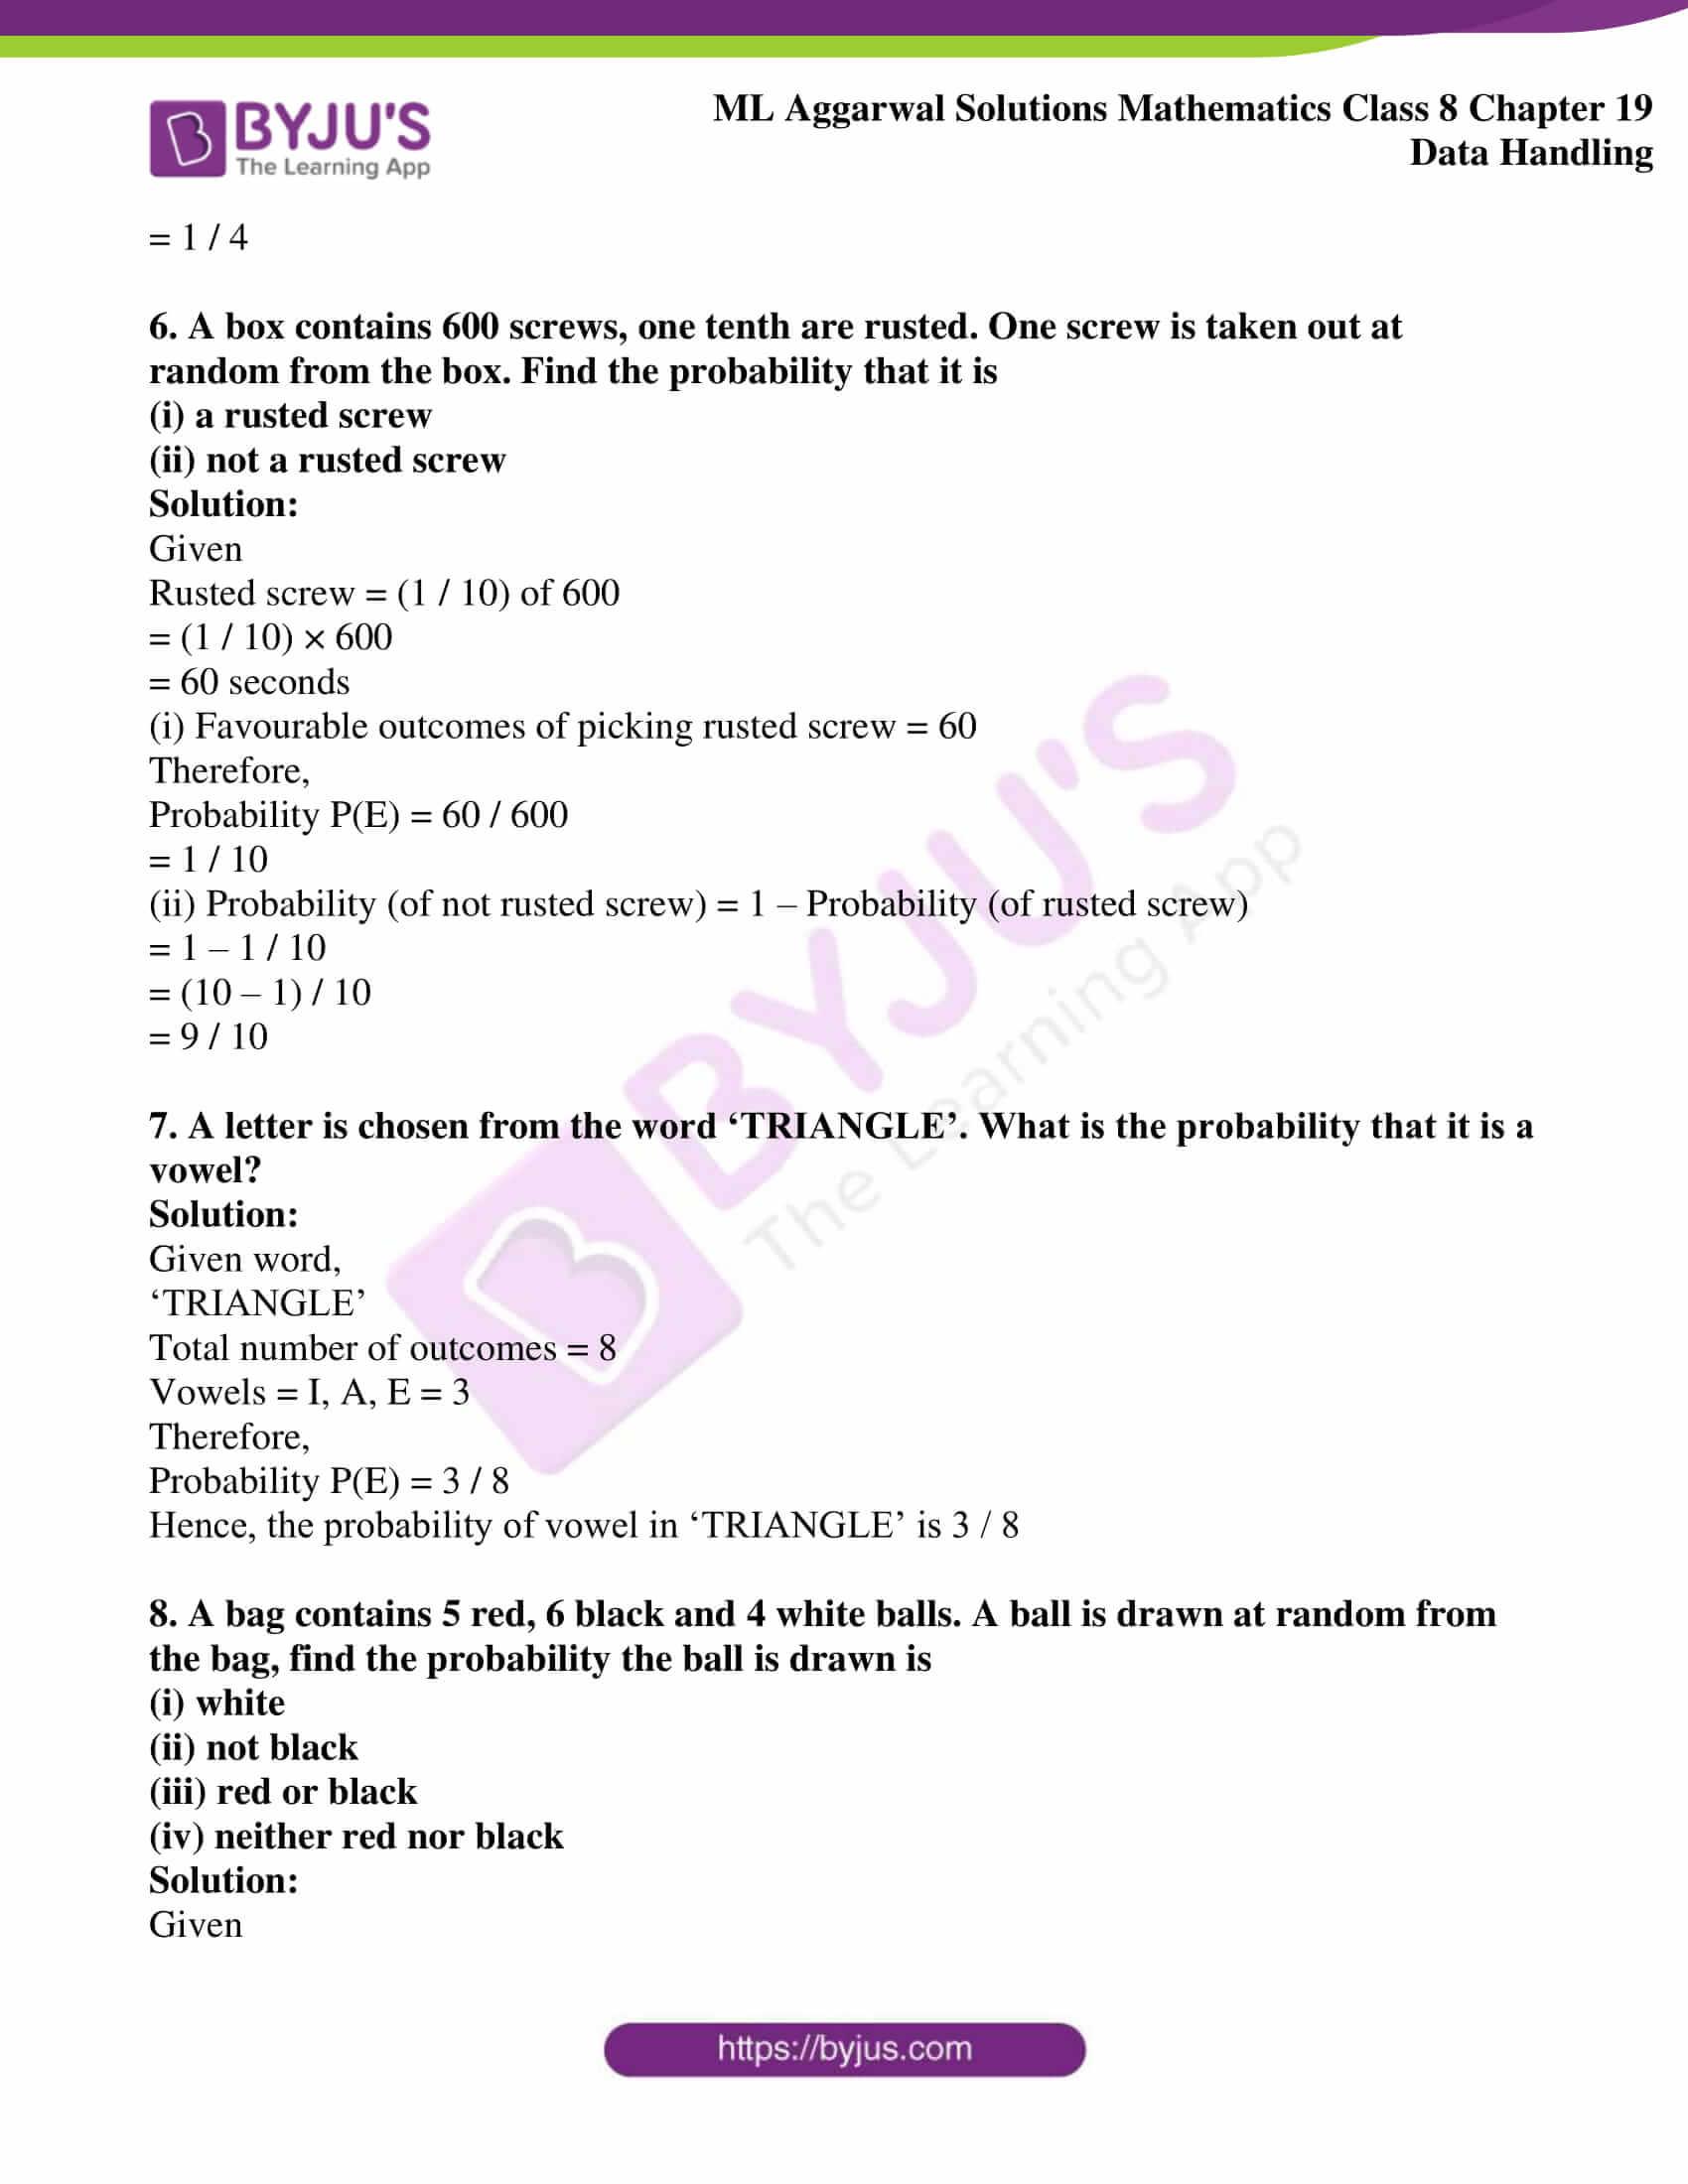 ml aggarwal sol mathematics class 8 ch 19 21